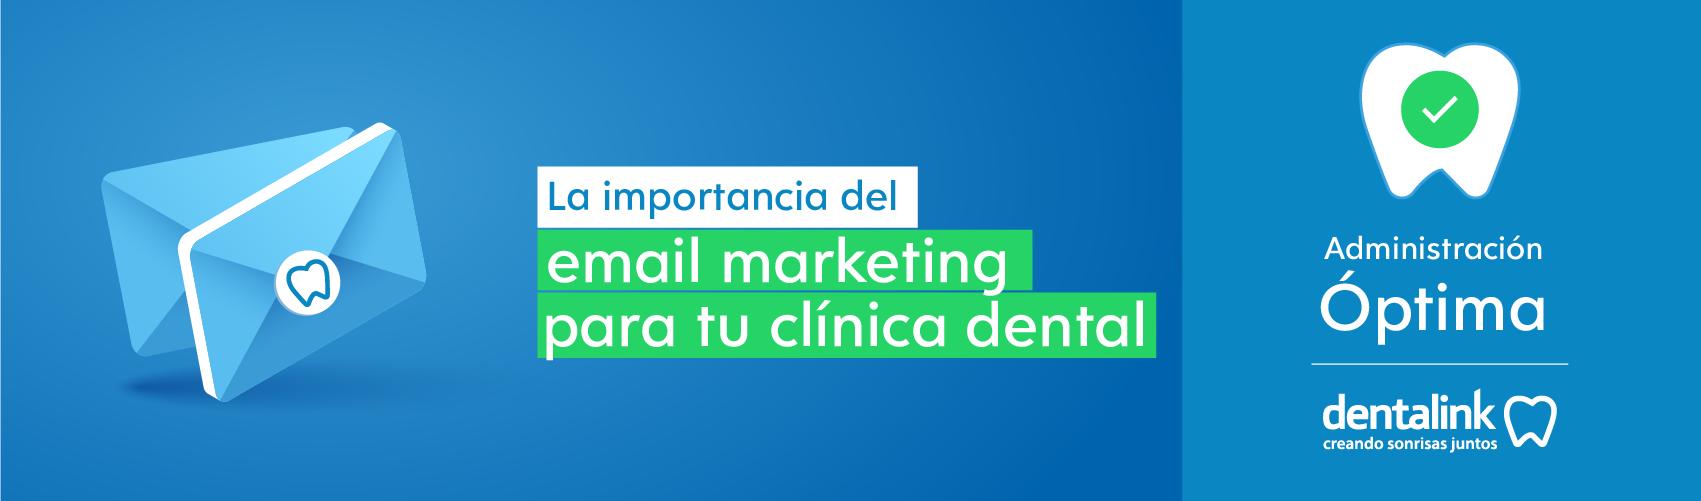 Email marketing dental y su importancia